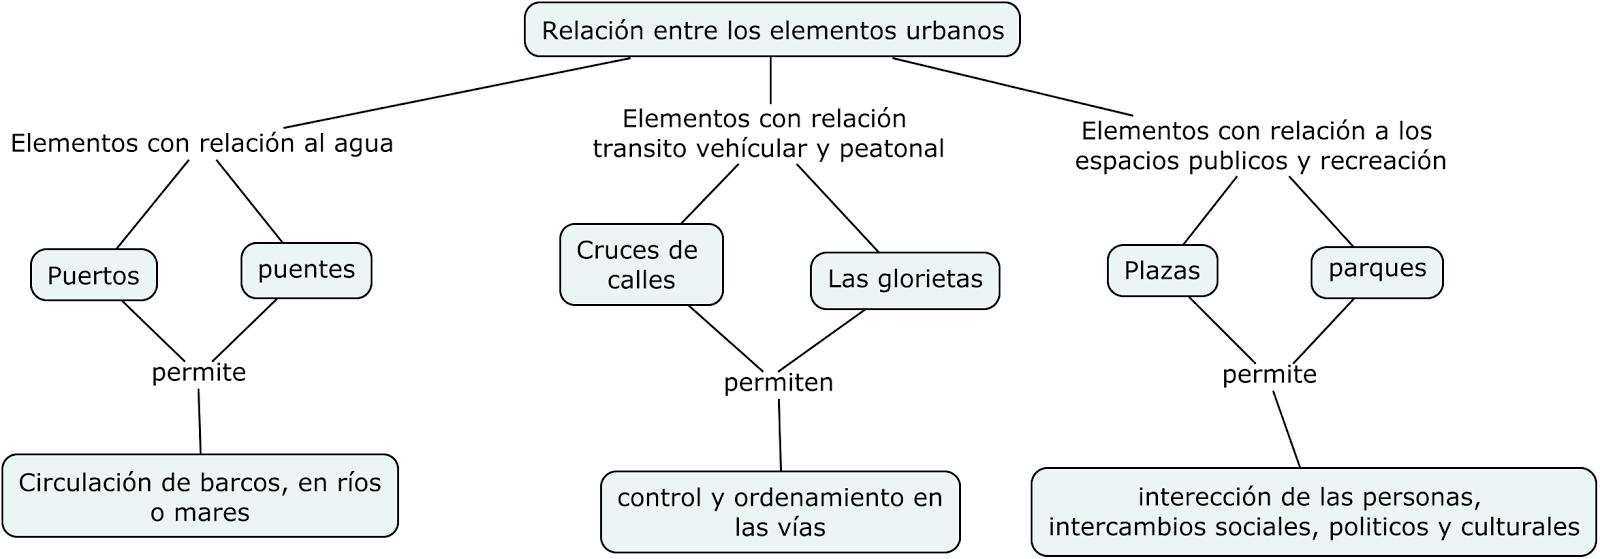 Urbanismo I Formas Y Patrones Urbanos Mapas Conceptuales